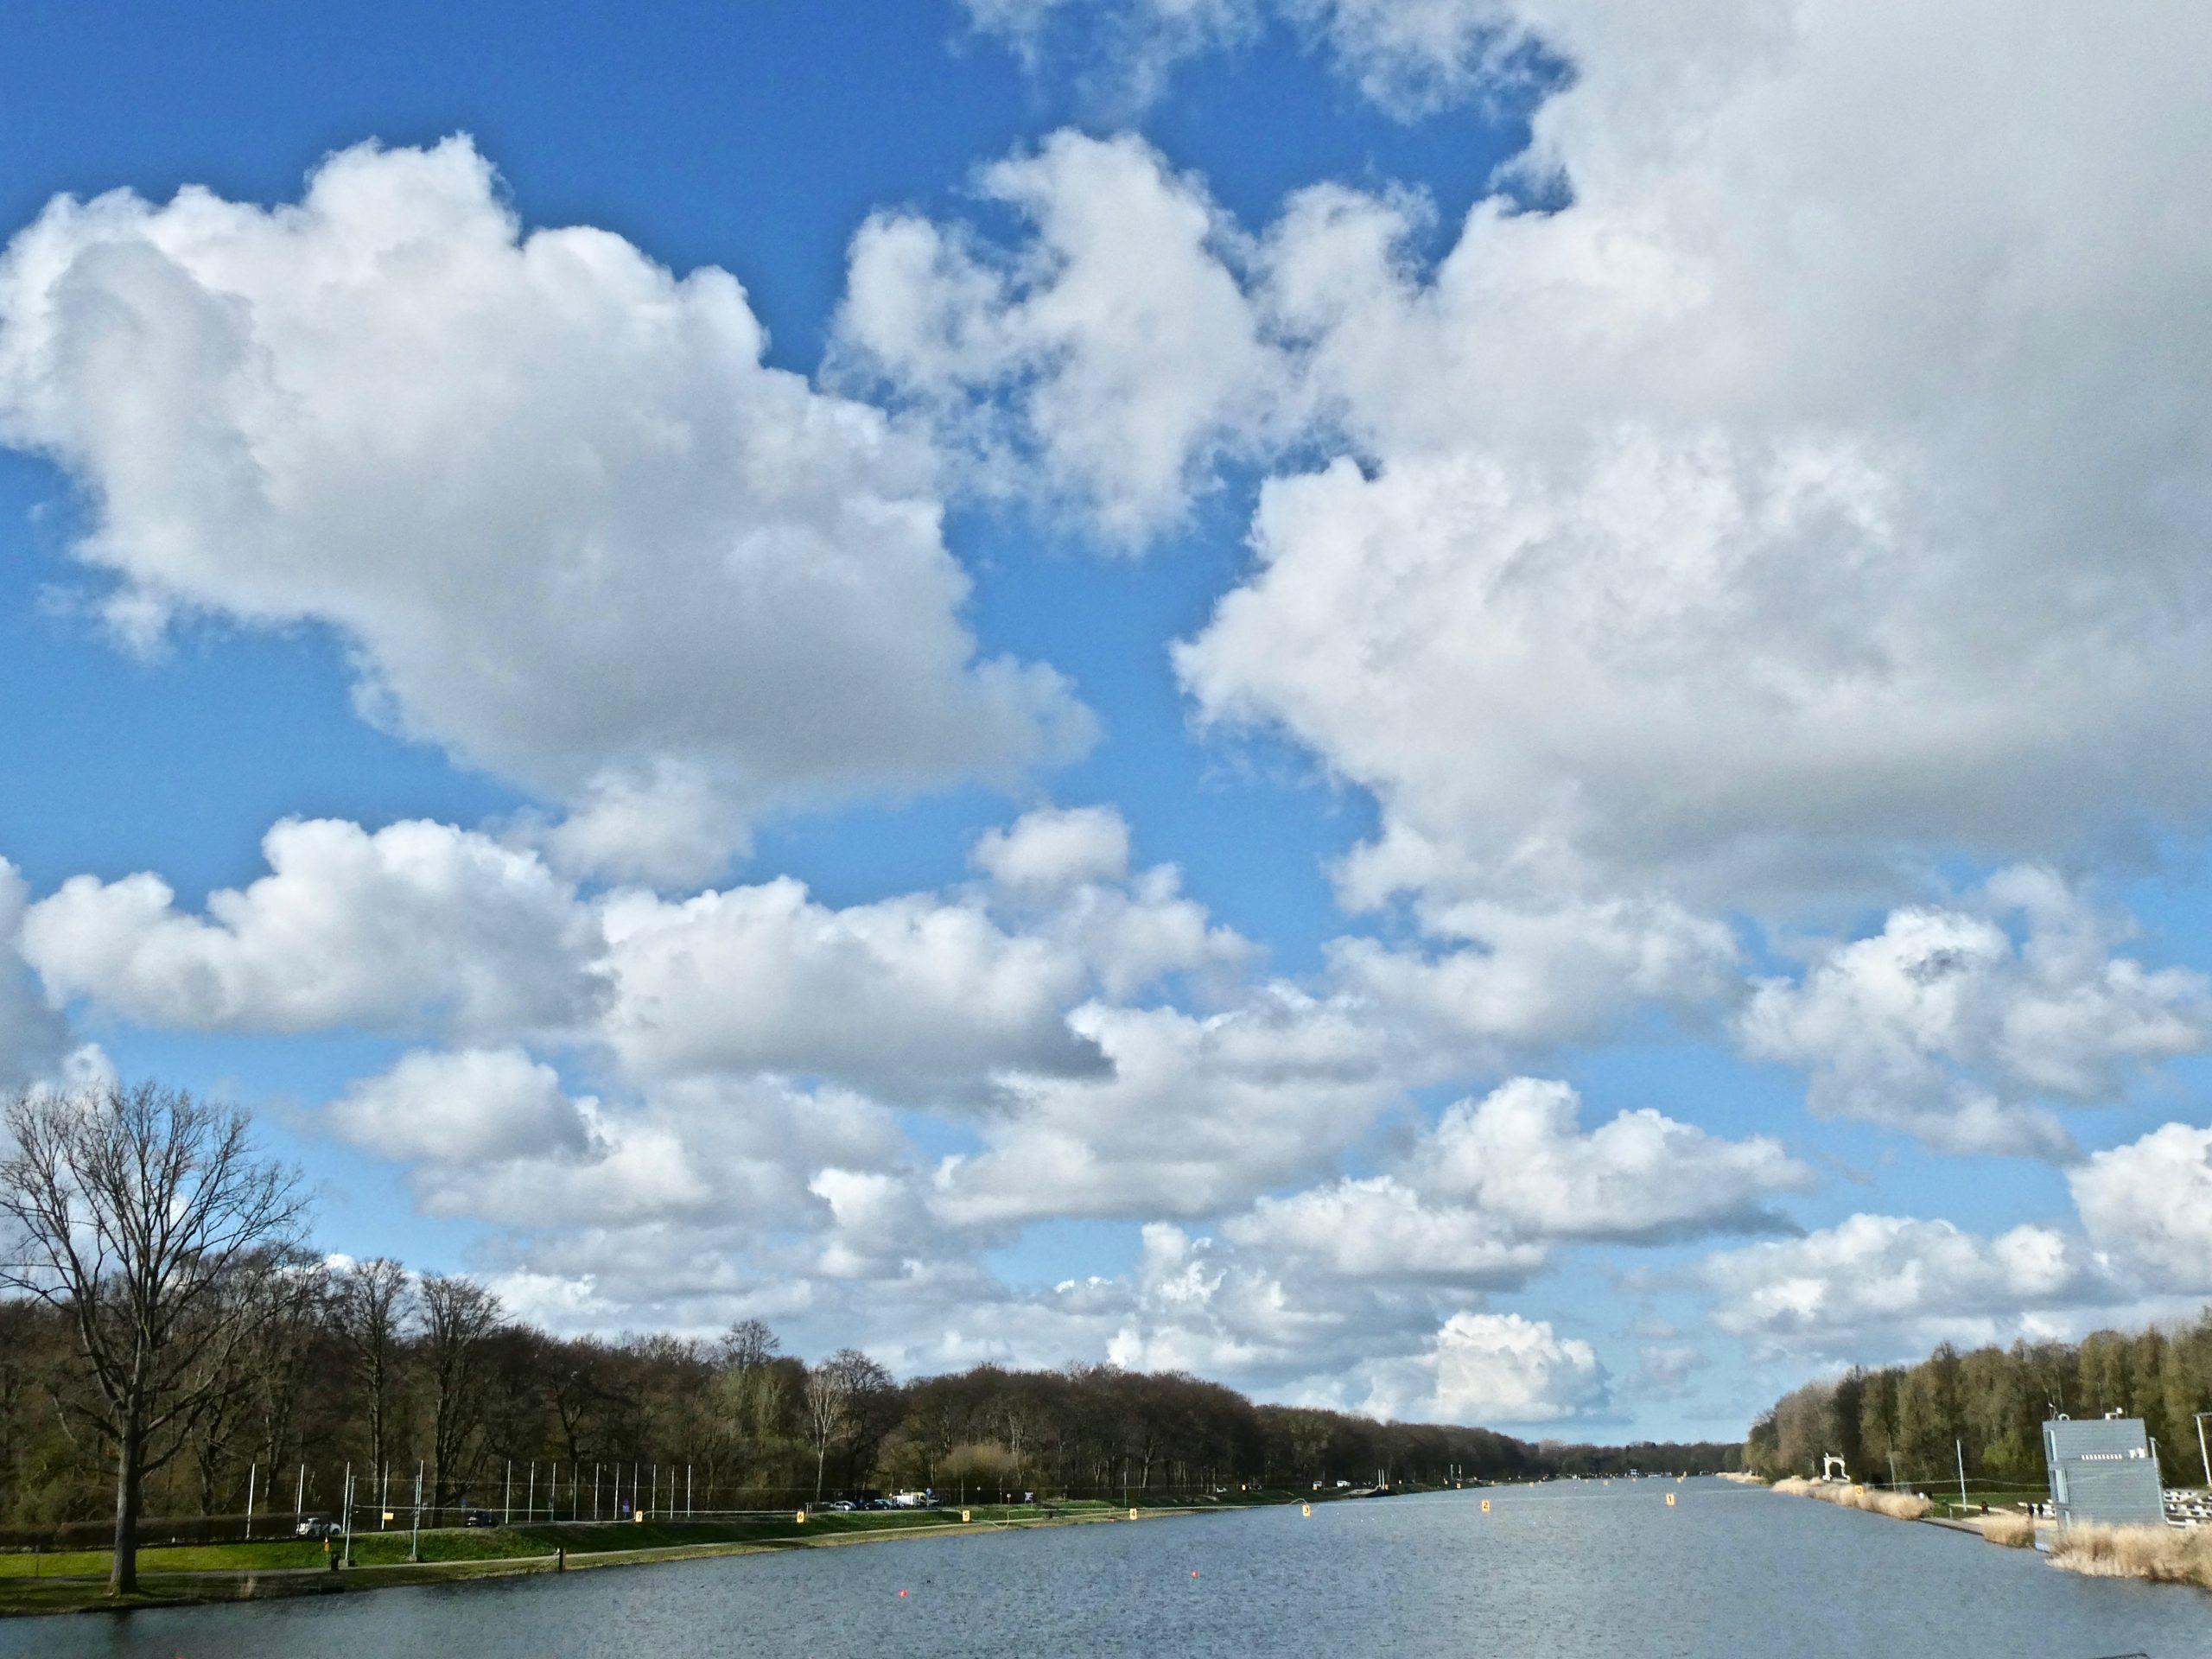 Bloemkolen boven de Bosbaan. Ook in andere open gebieden zijn soms fraaie wolkenluchten te zien.